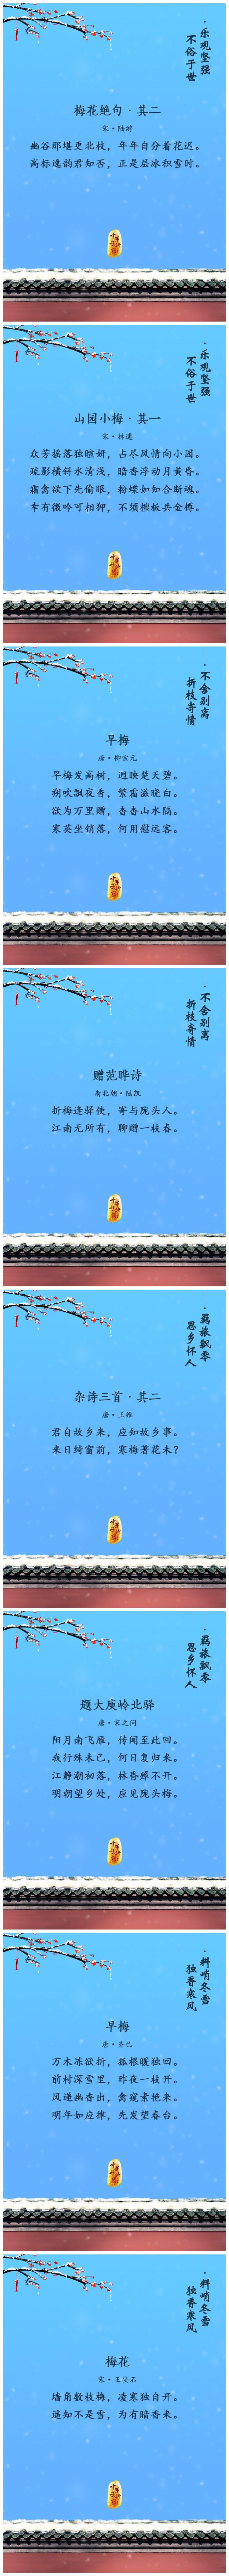 风雪中傲然的梅花是诗词的常客